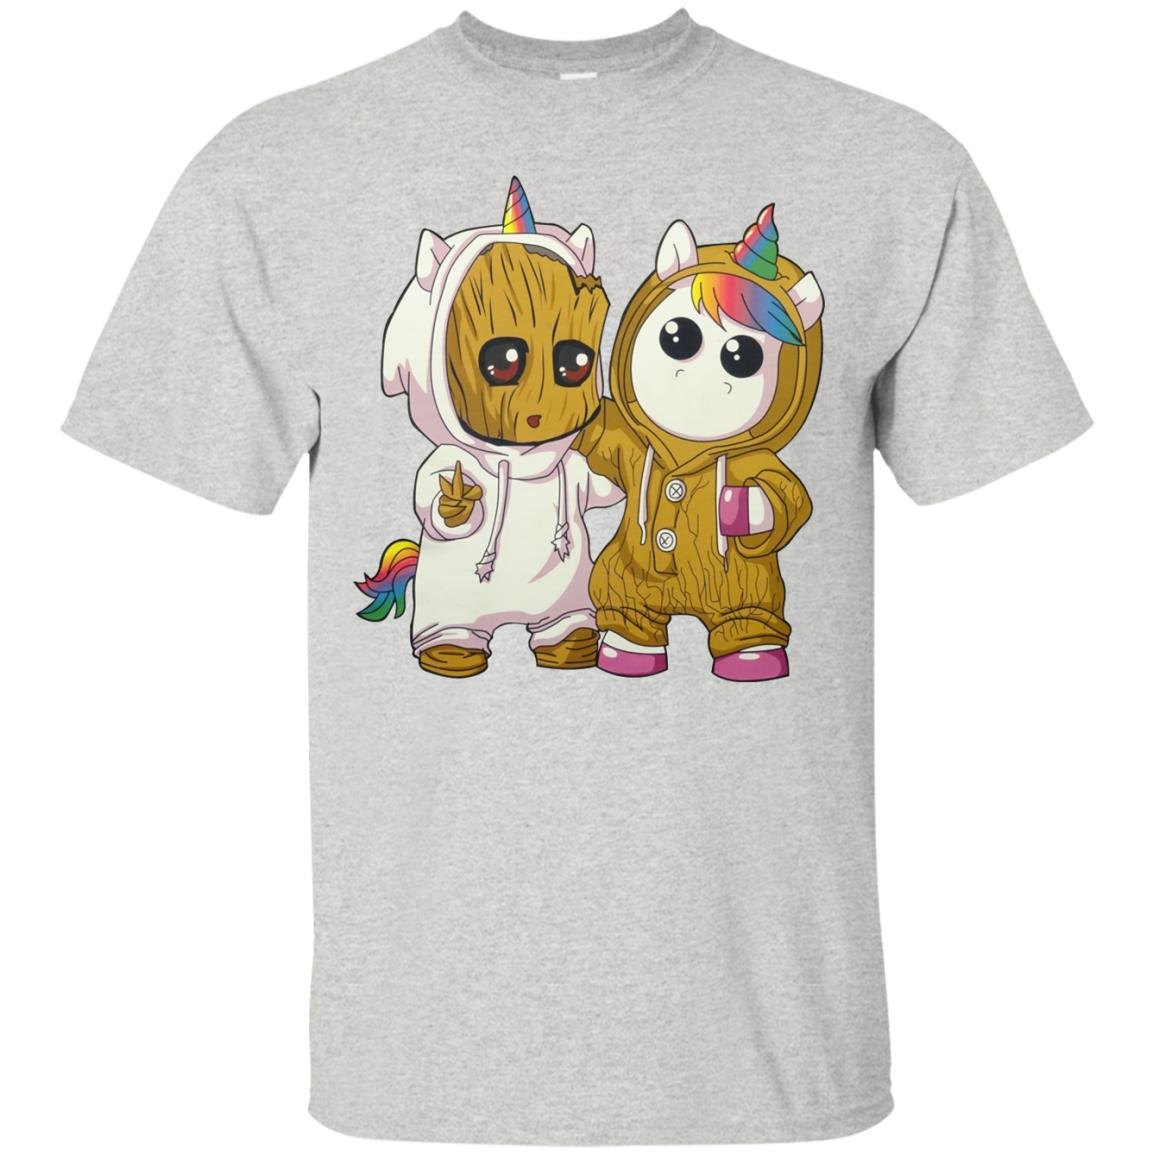 4b11c21d6cc15 Baby groot and baby unicorn shirt - RobinPlaceFabrics